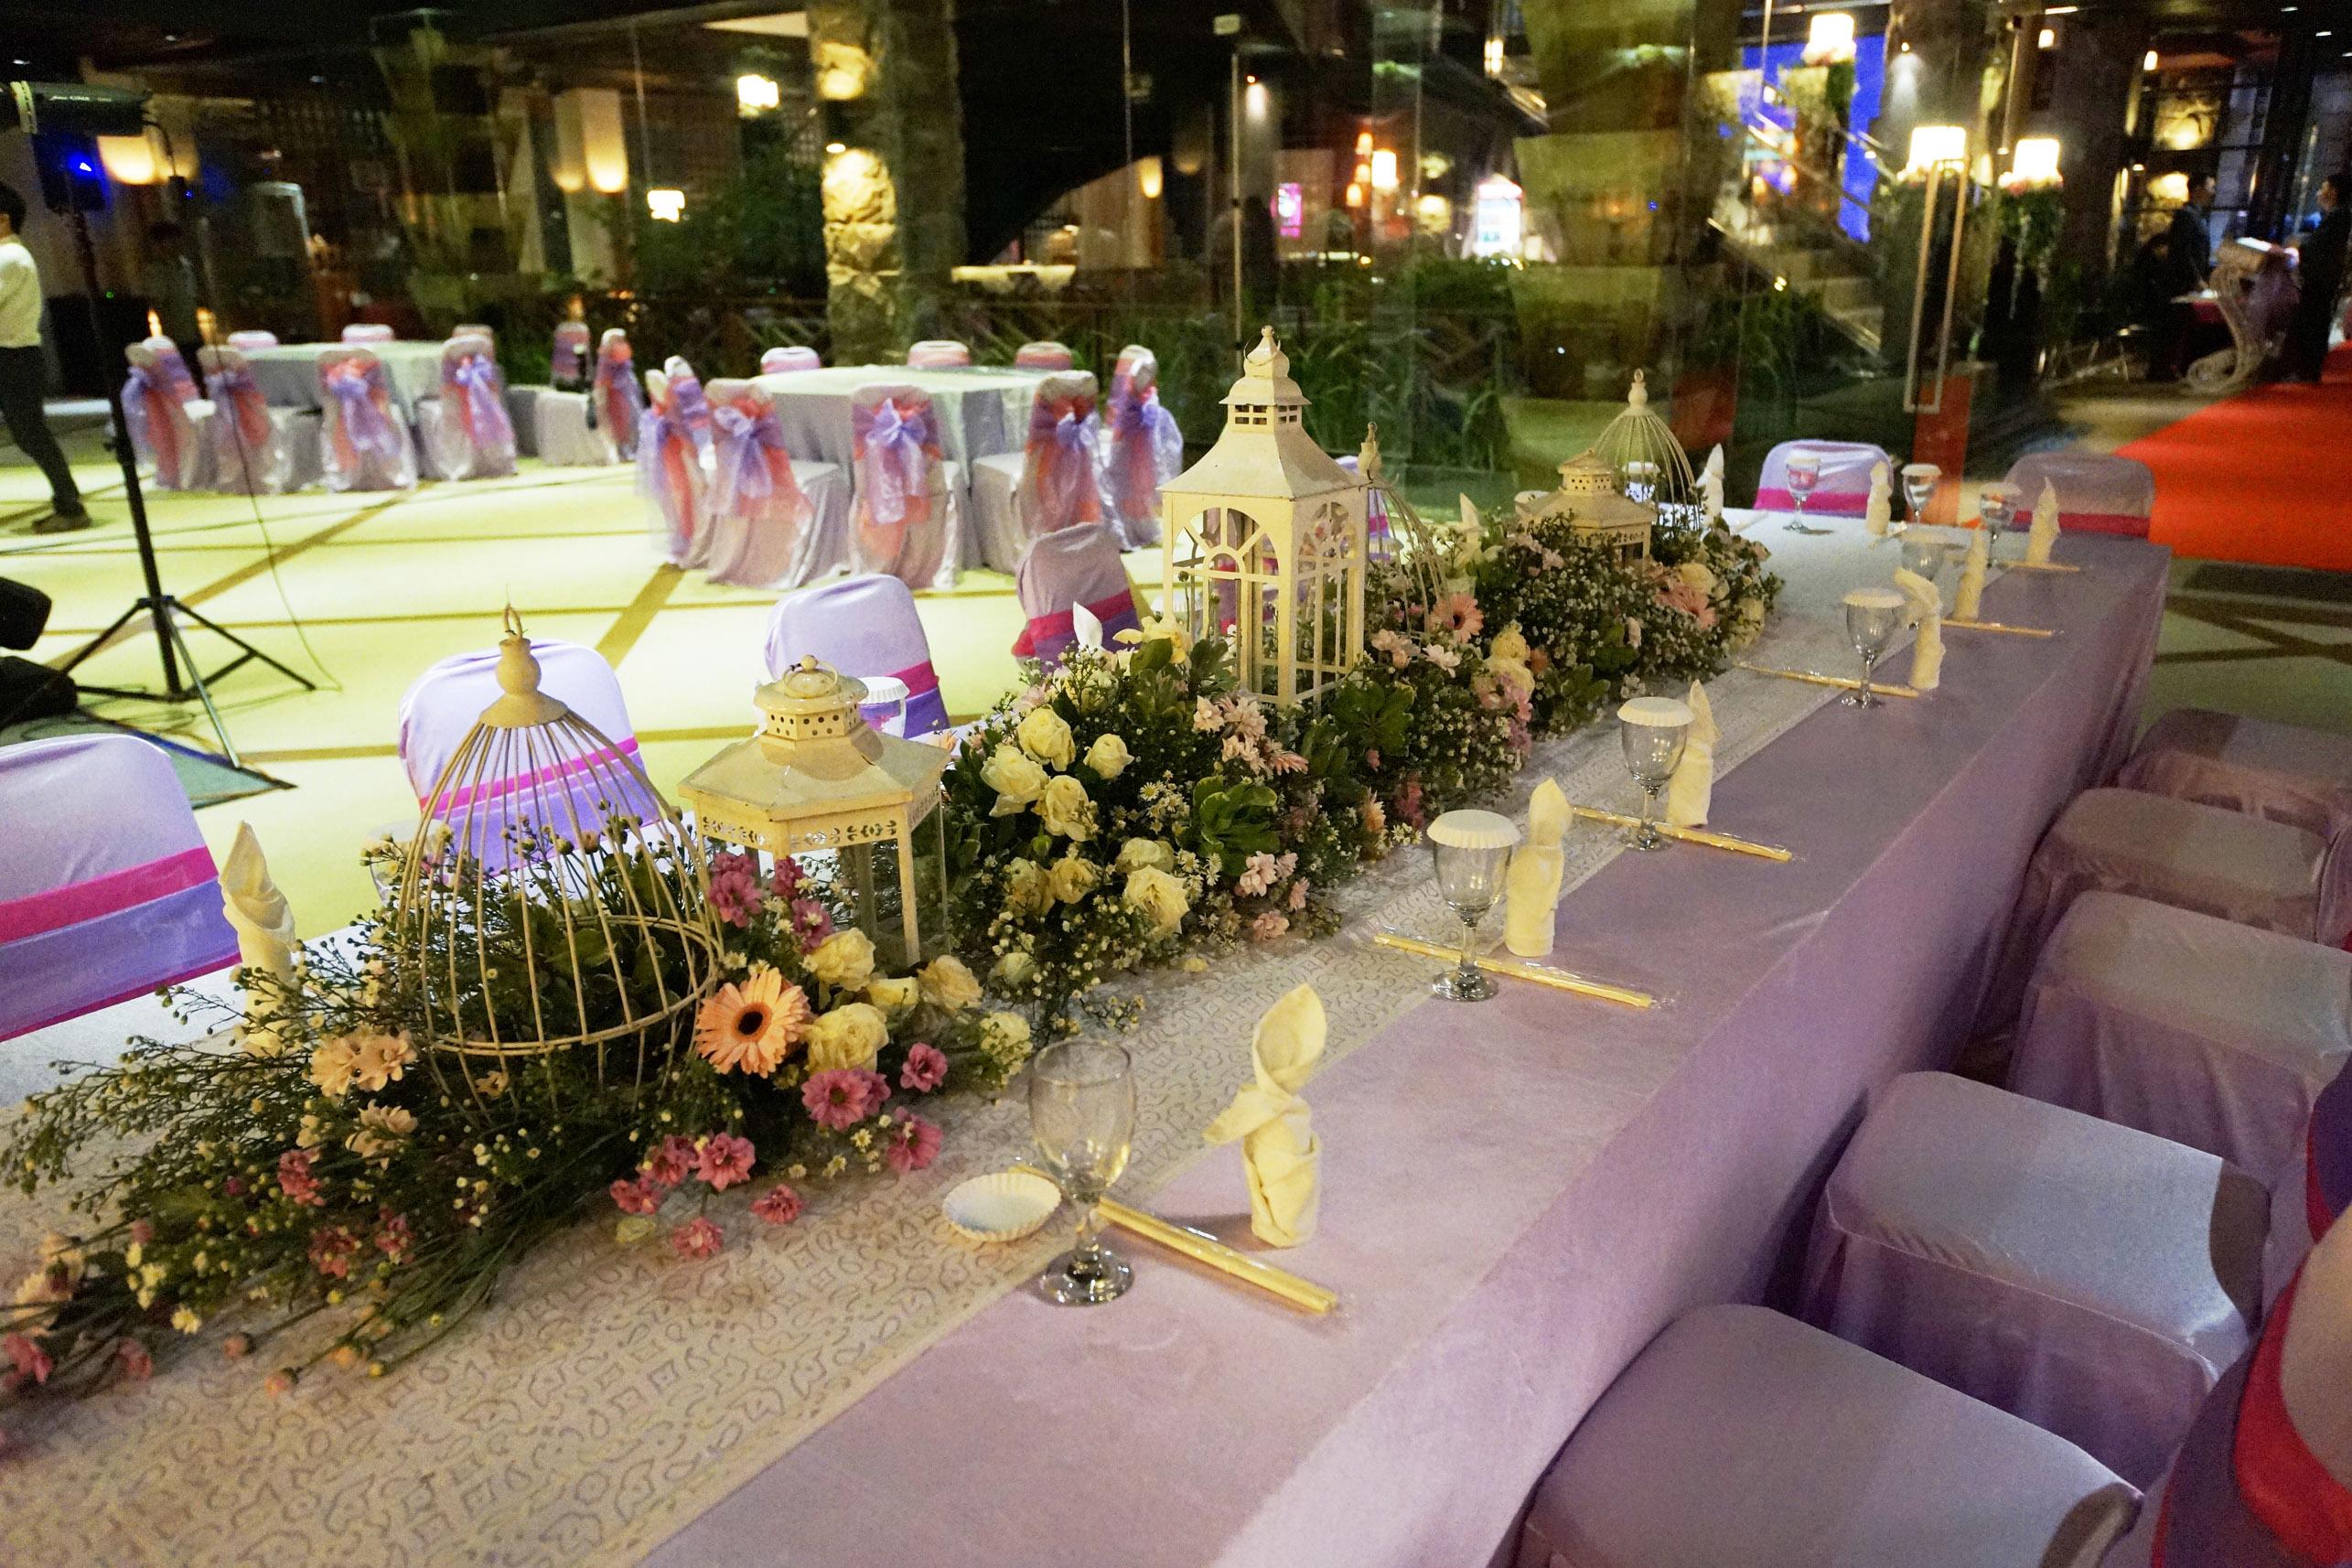 Palacio wedding chapel wedding venue in surabaya bridestory junglespirit Image collections